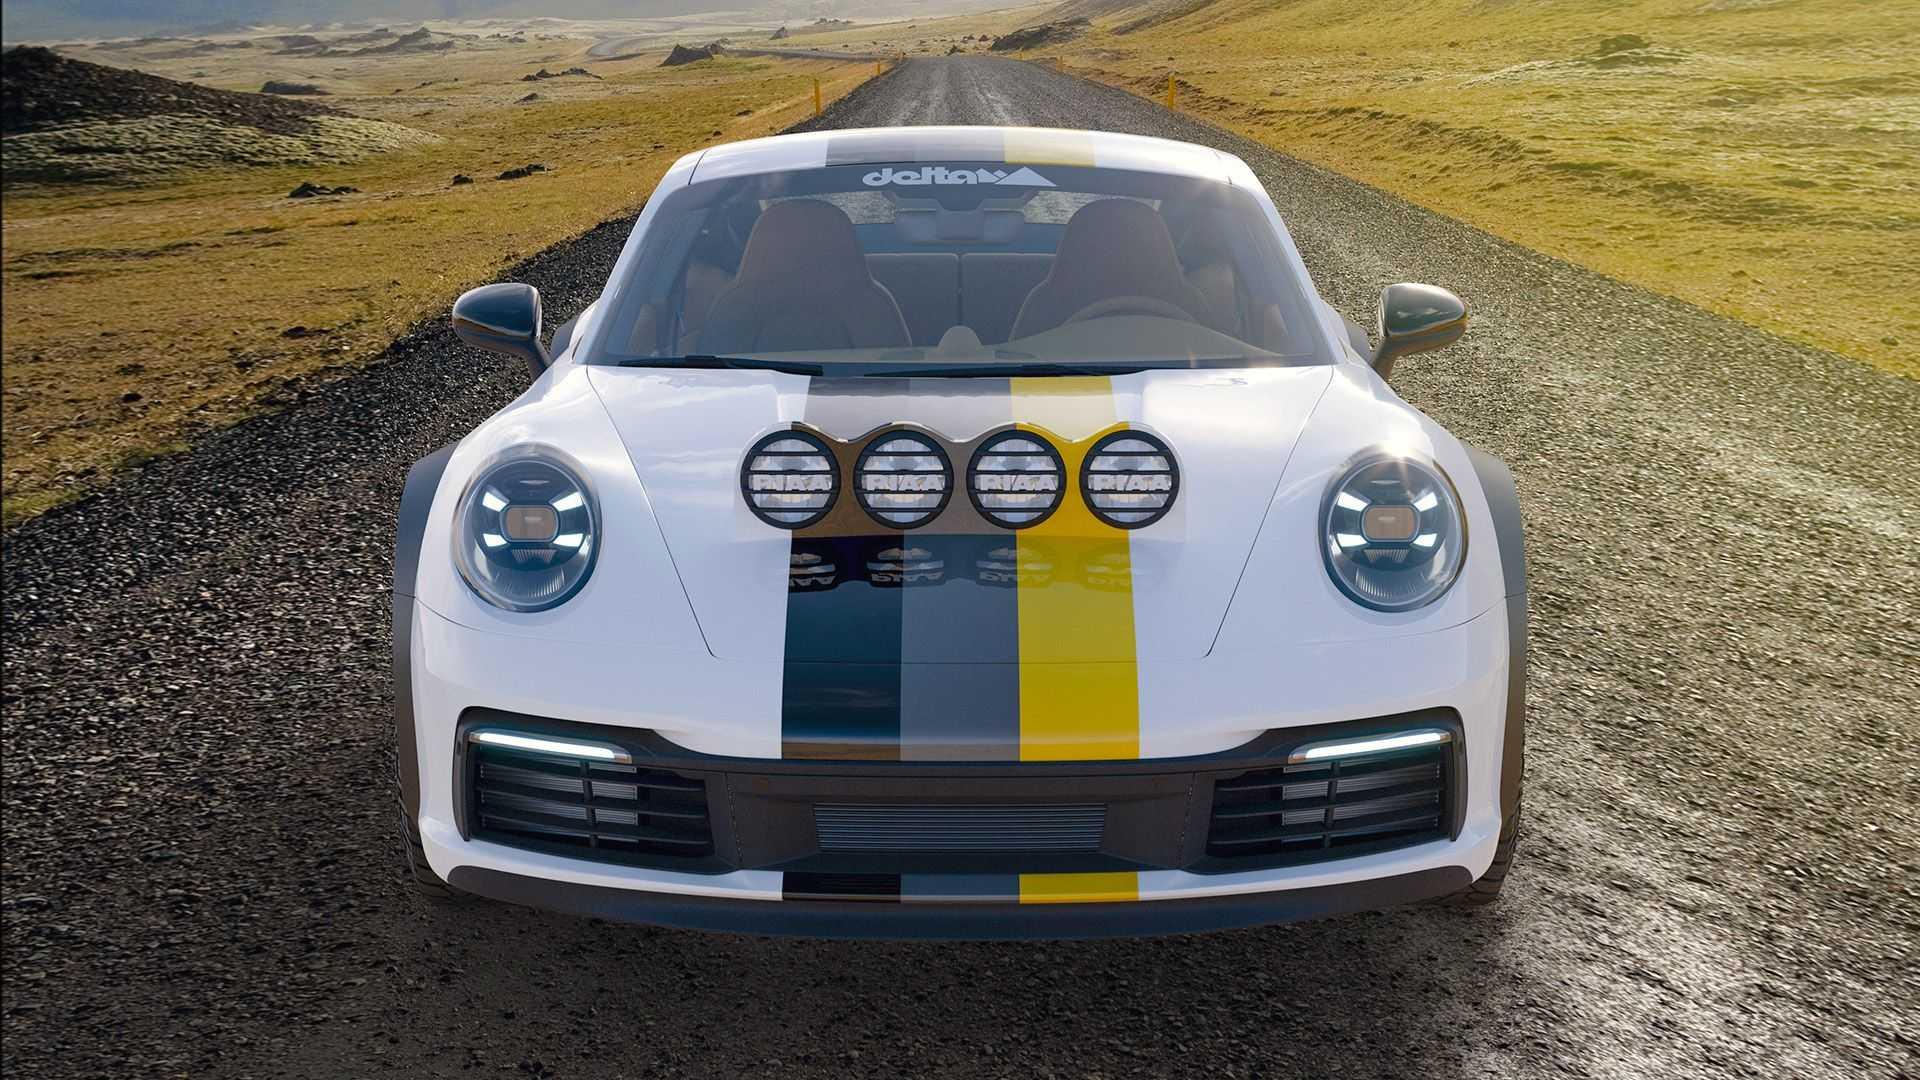 Porsche-911-992-4S-by-Delta-4x4-4